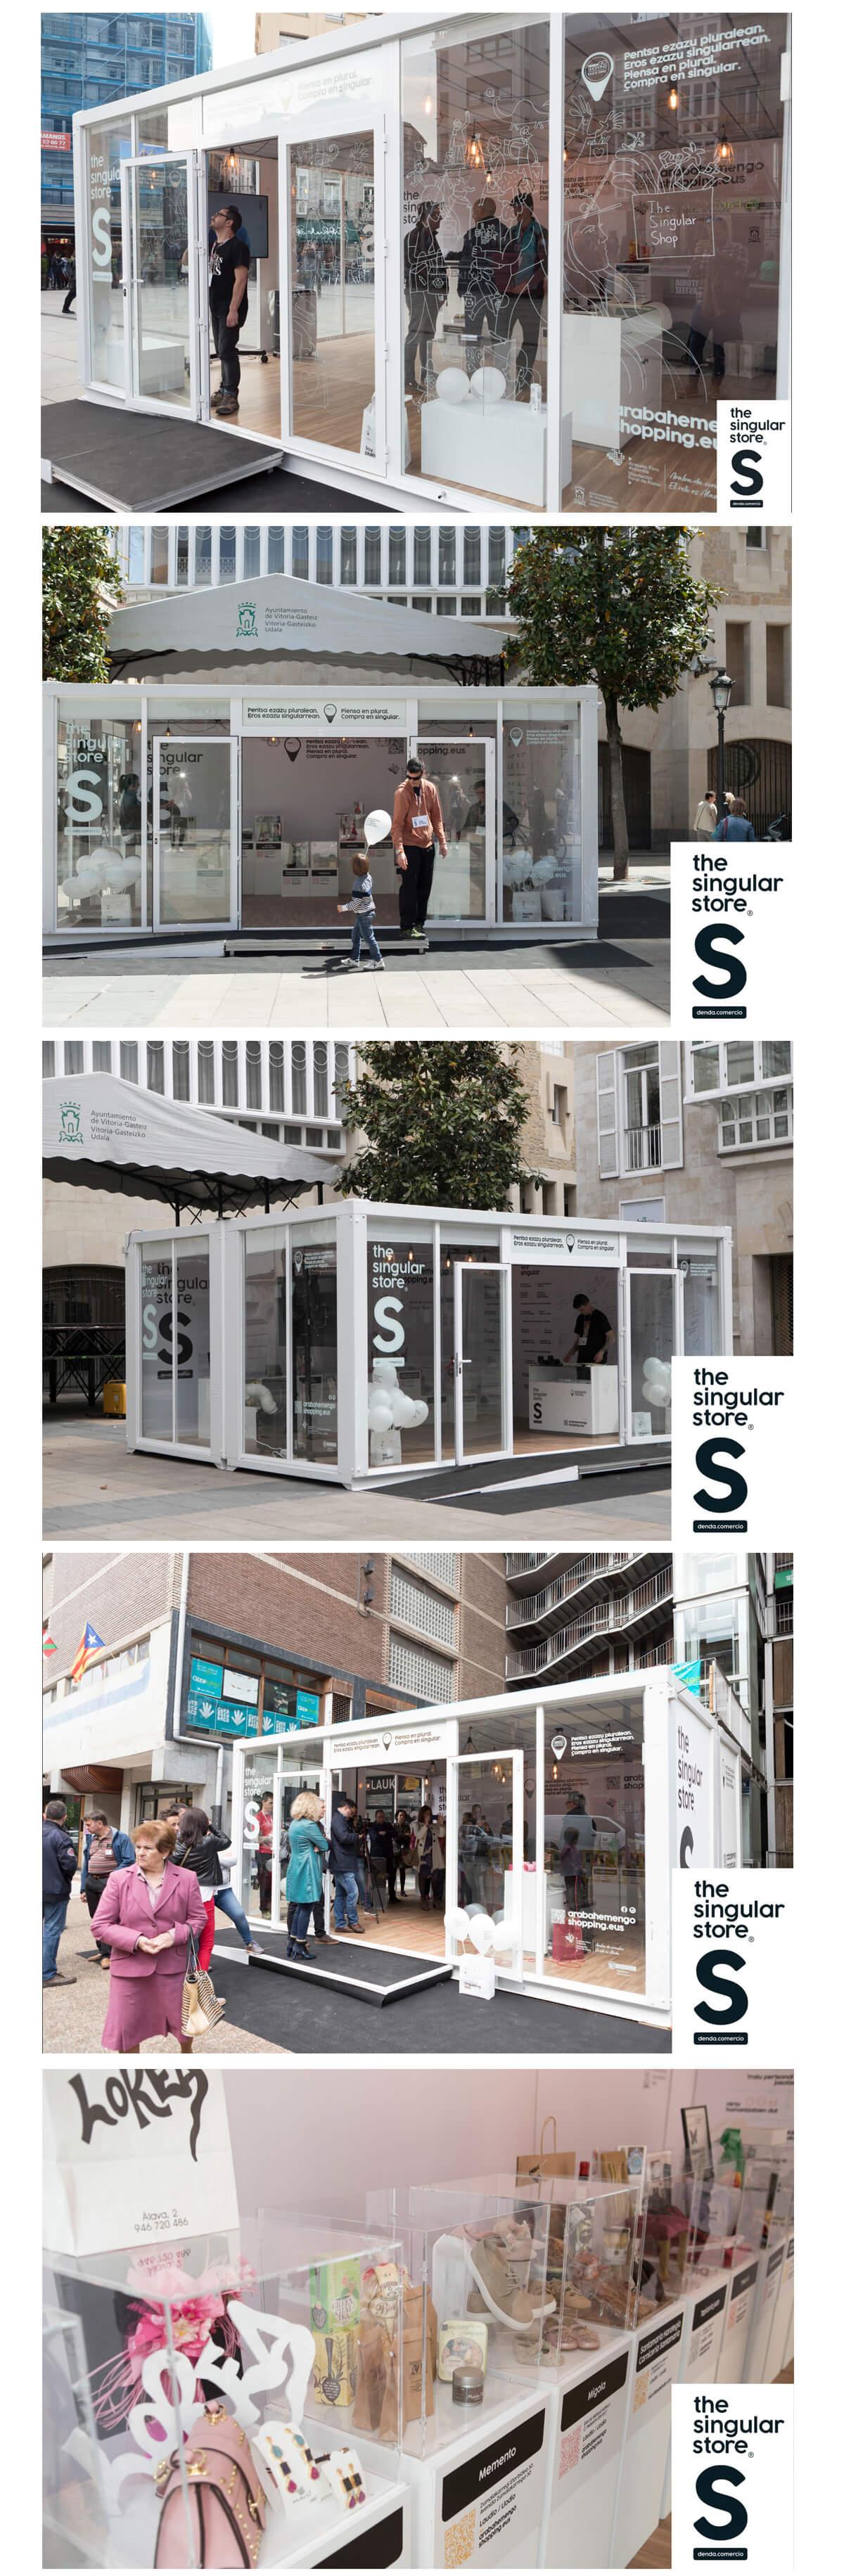 17-022-The-Singular-Store-02